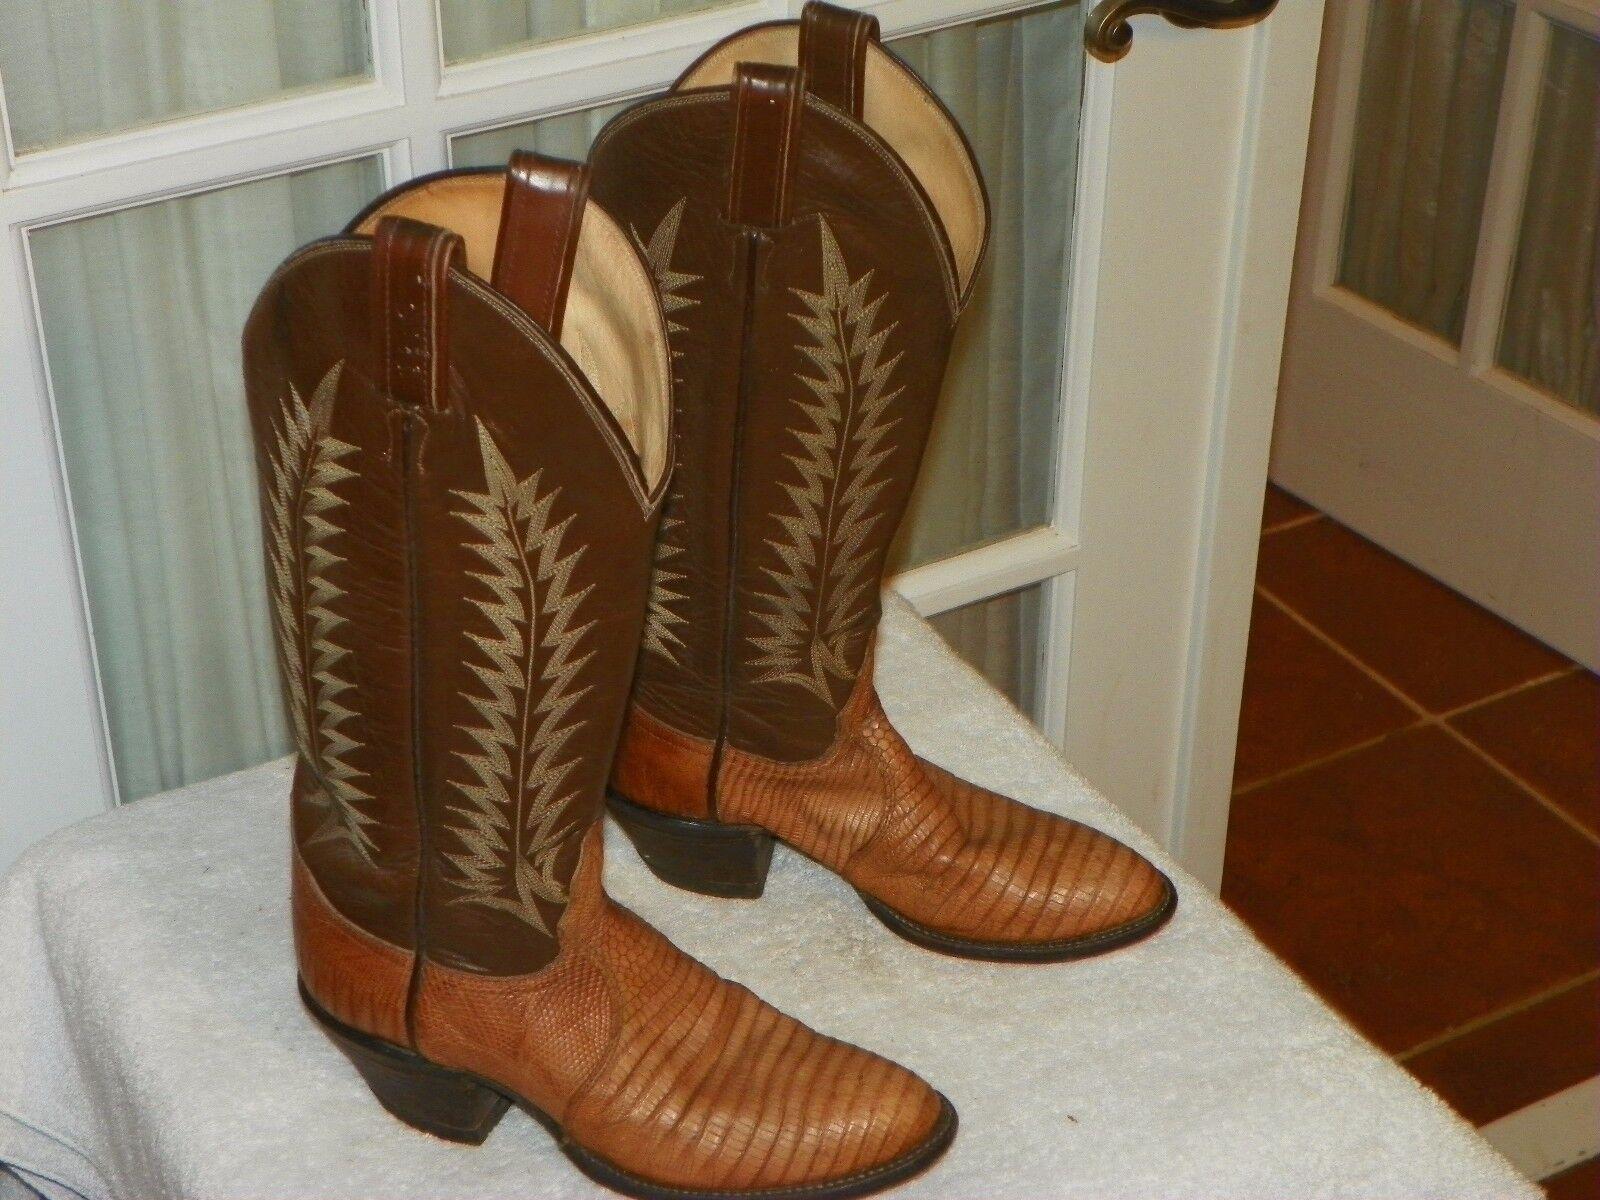 fornire un prodotto di qualità VTG VTG VTG Tony Lama nero Label Lizard Skin Cowgirl stivali Donna  Dimensione 5 A narrow USA  qualità ufficiale